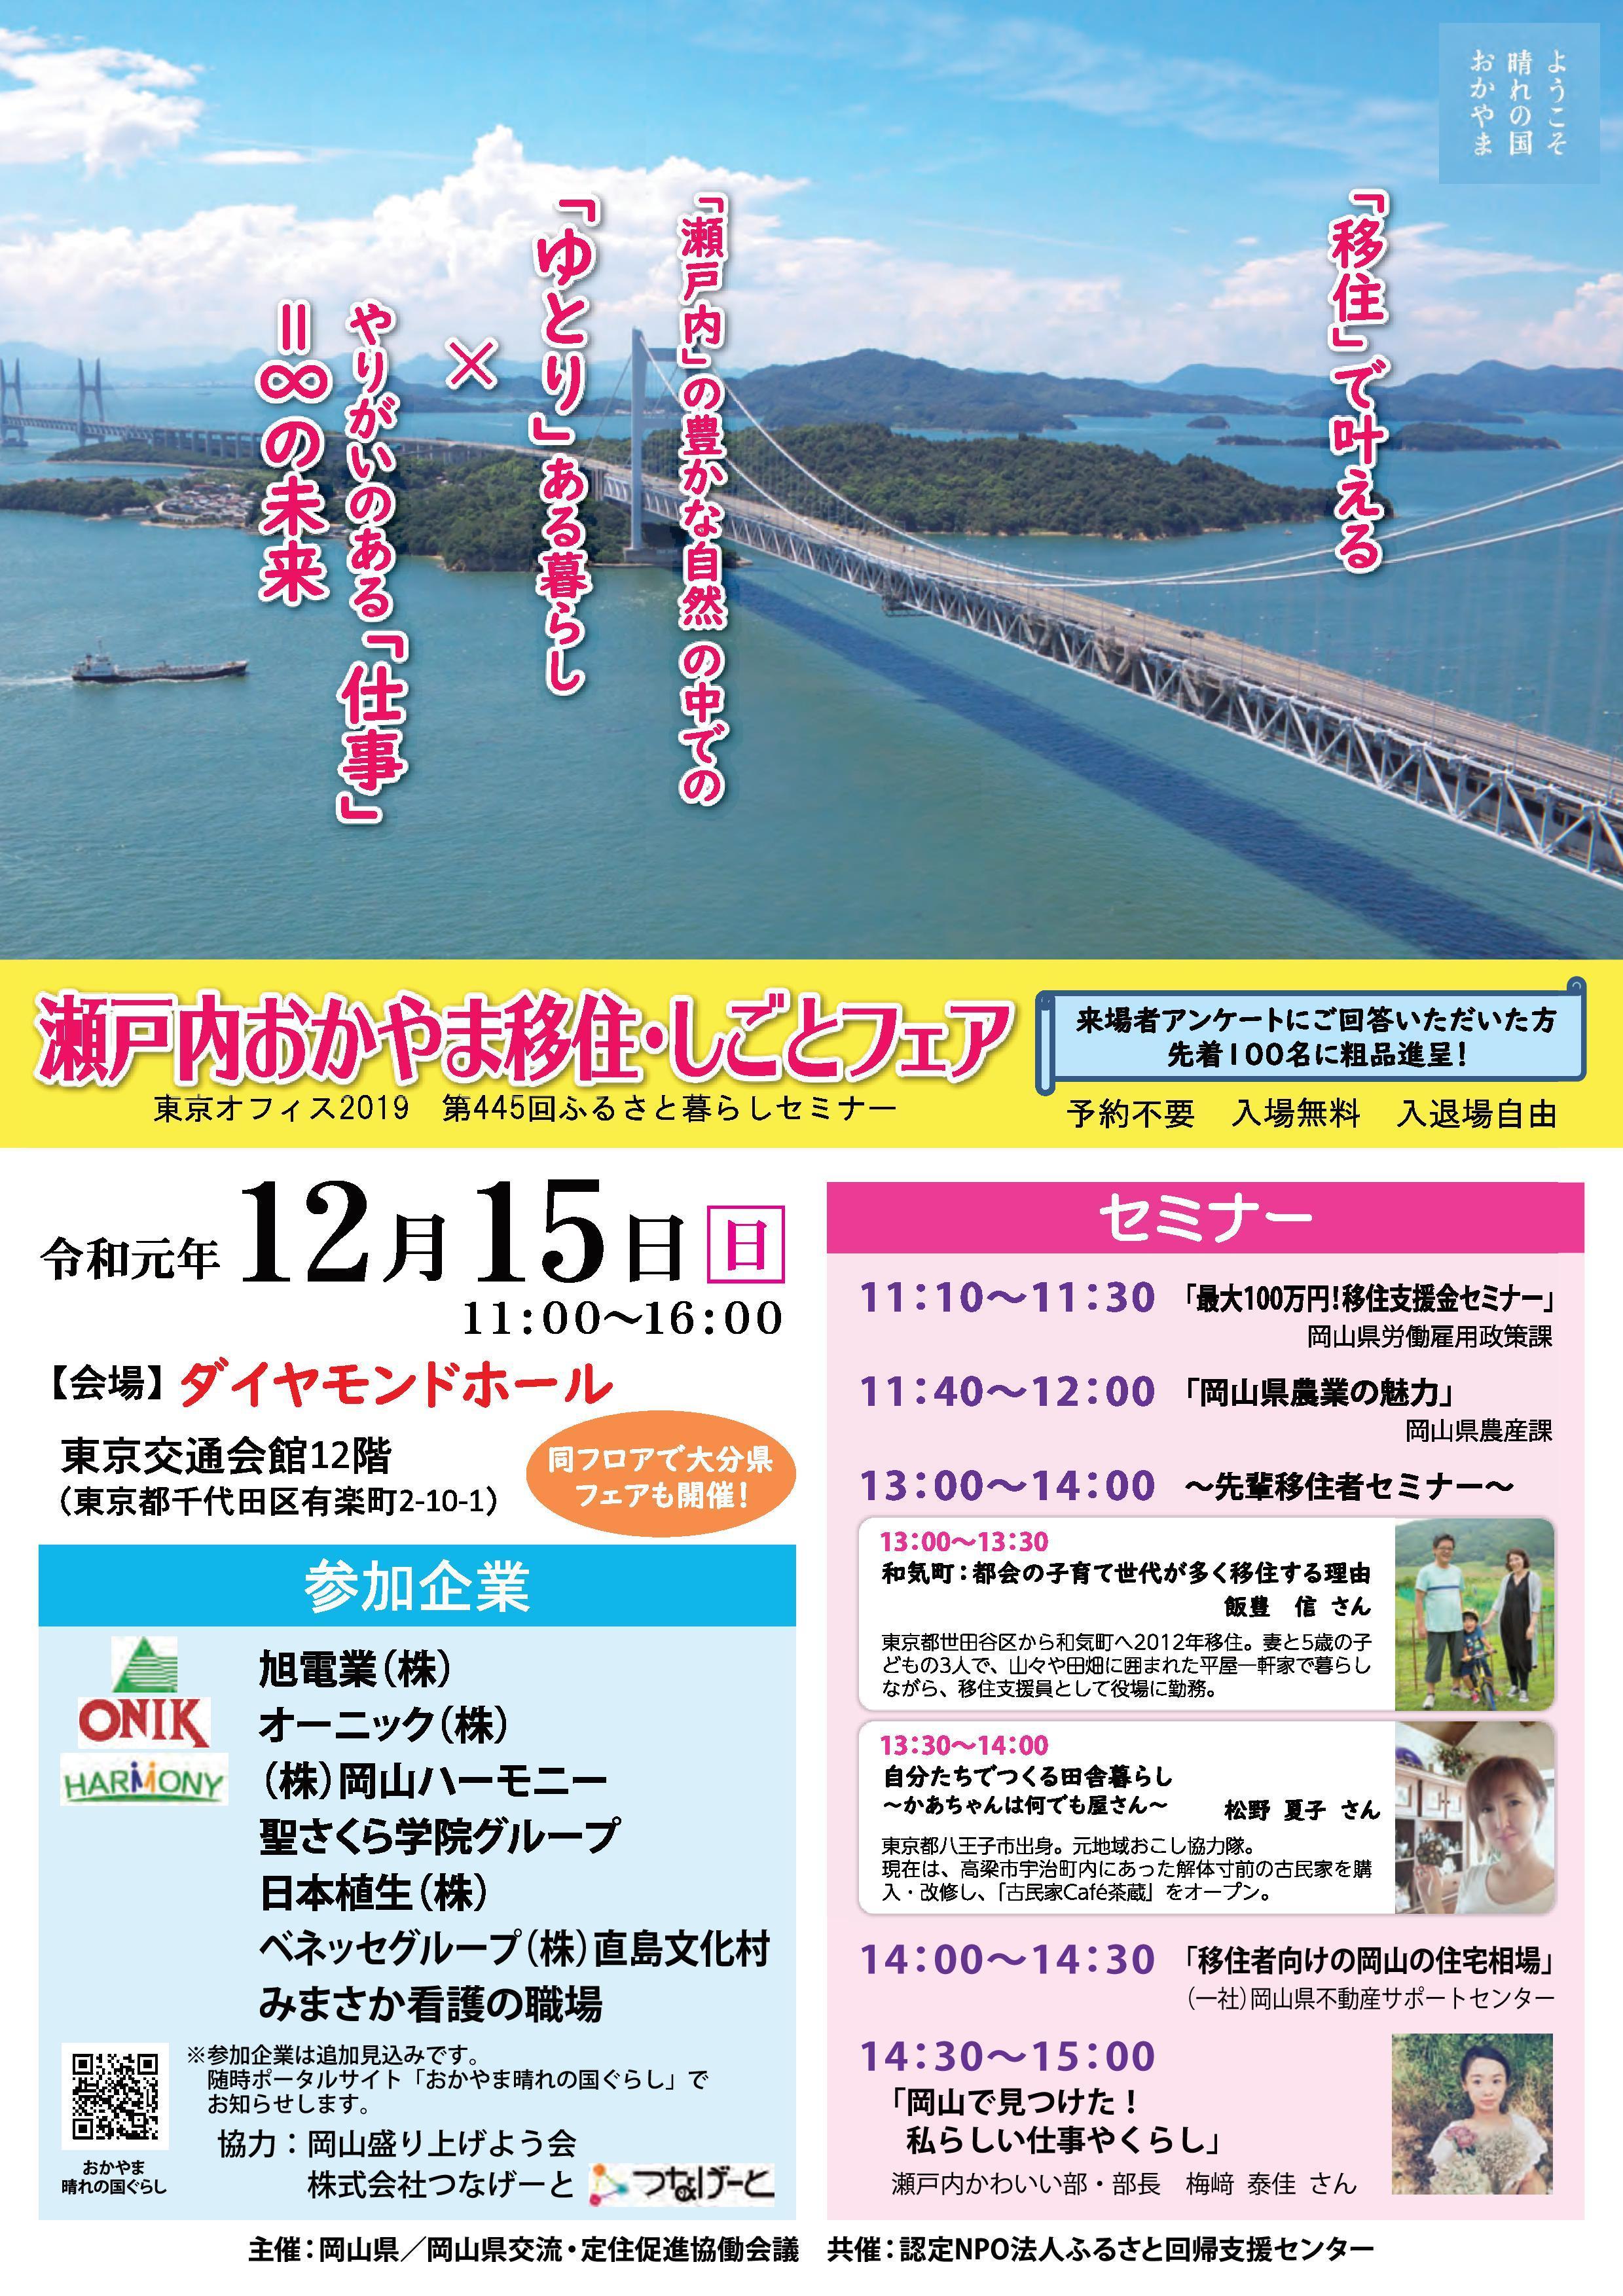 2019年12月15日(日)開催 瀬戸内おかやま移住・しごとフェアに津山市も参加します